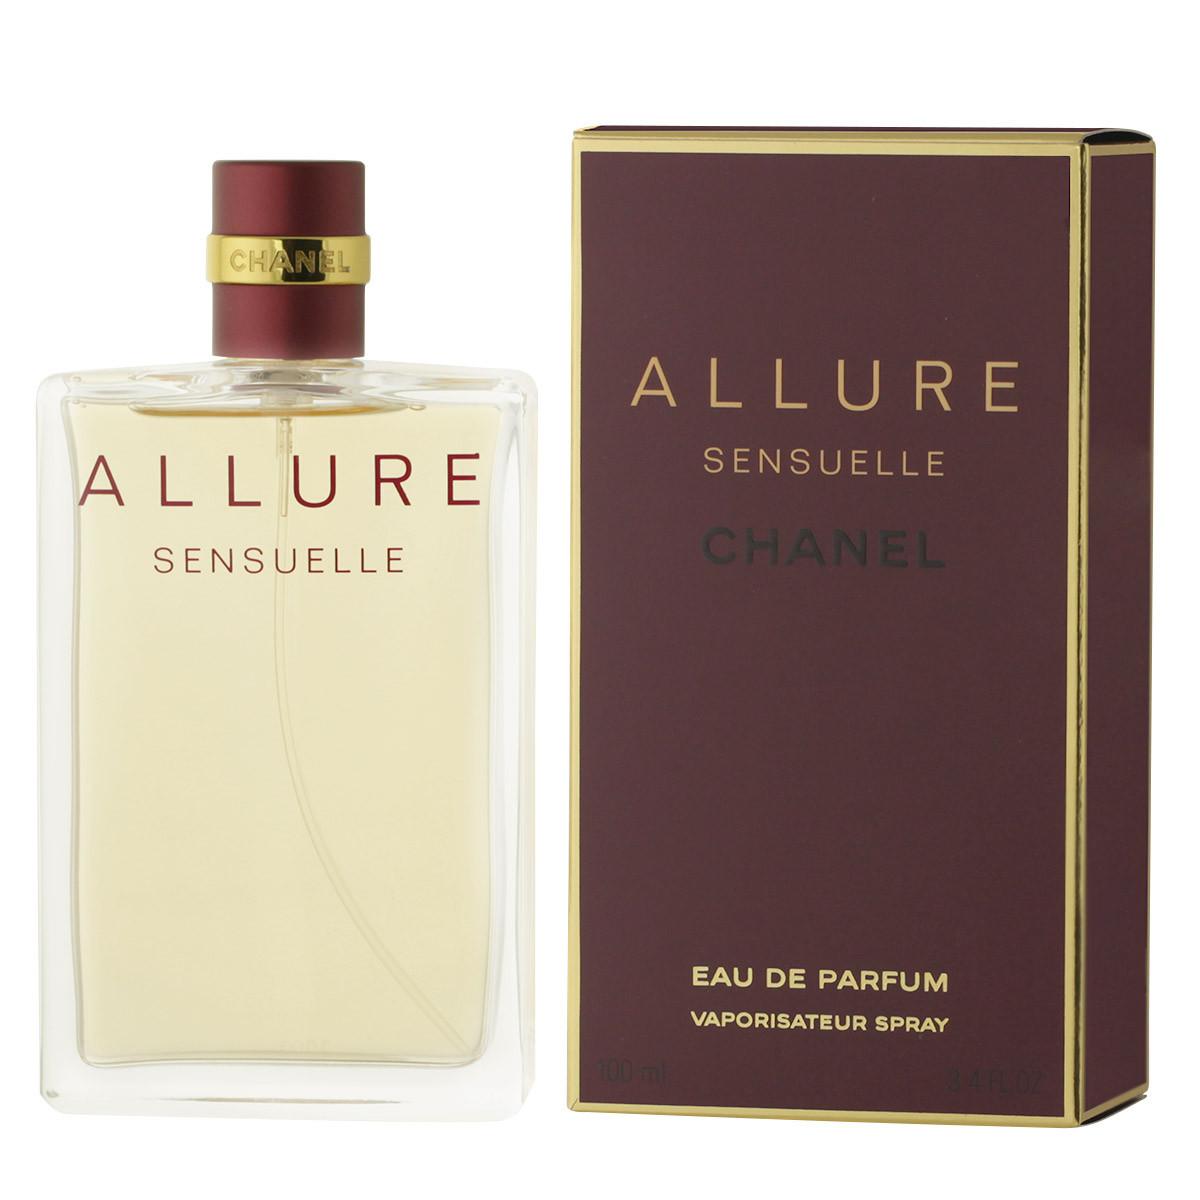 Allure Sensuelle for Women 100ml Eau de Parfum (EDP) by Chanel